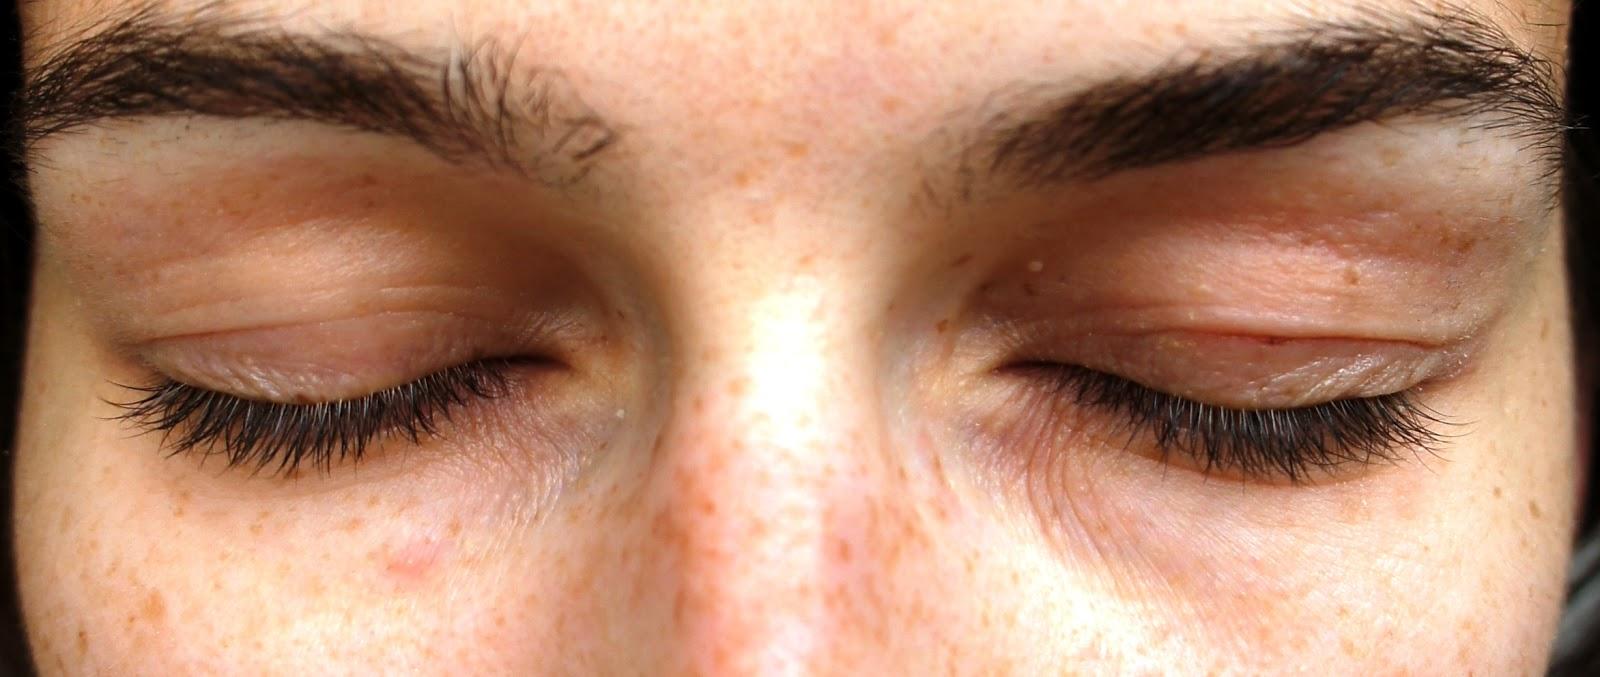 eczema eyelids - photo #6